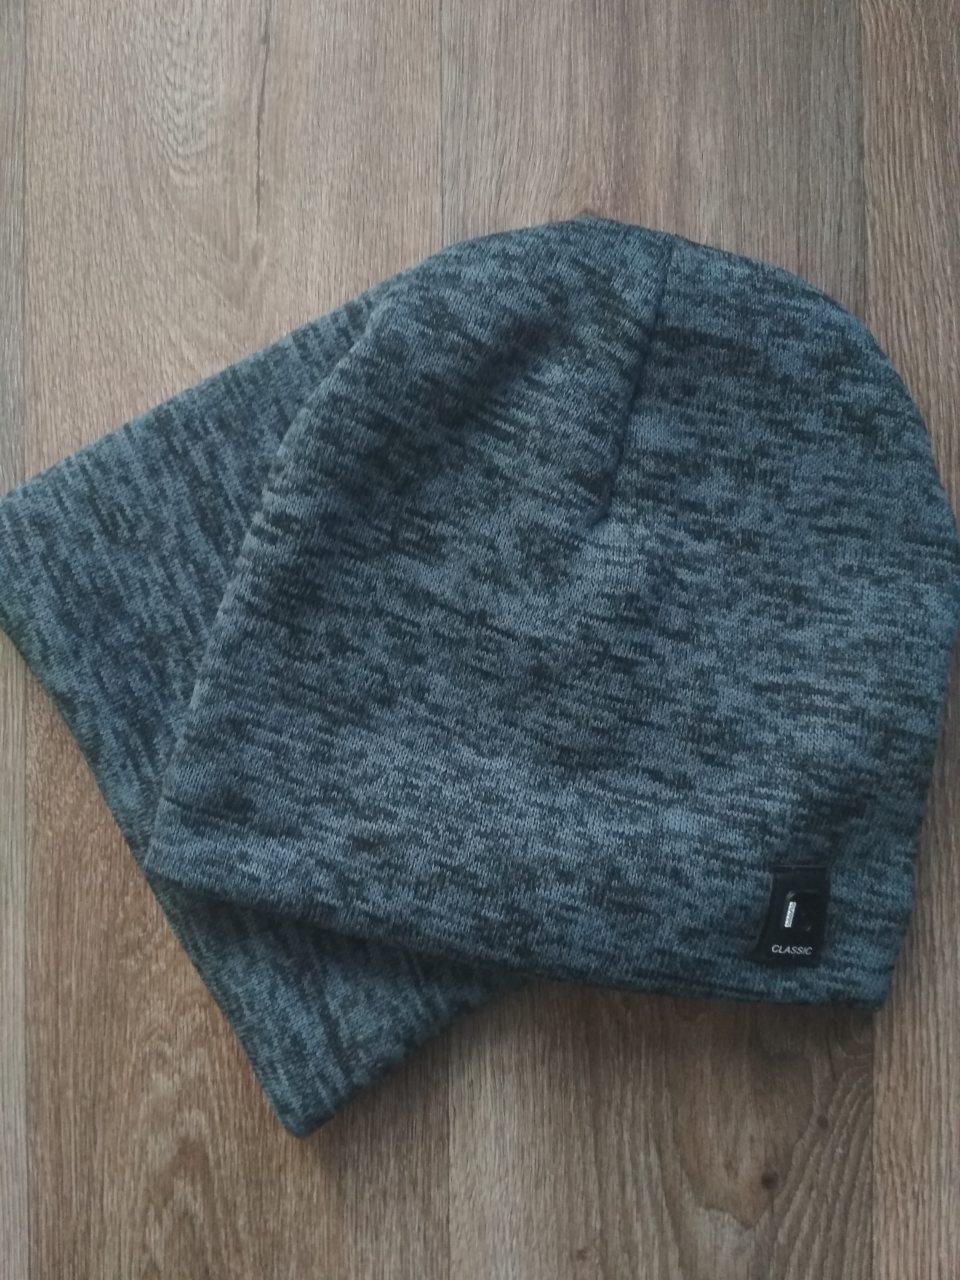 Спортивная шапка темно серая Classic + горловик (бафф)